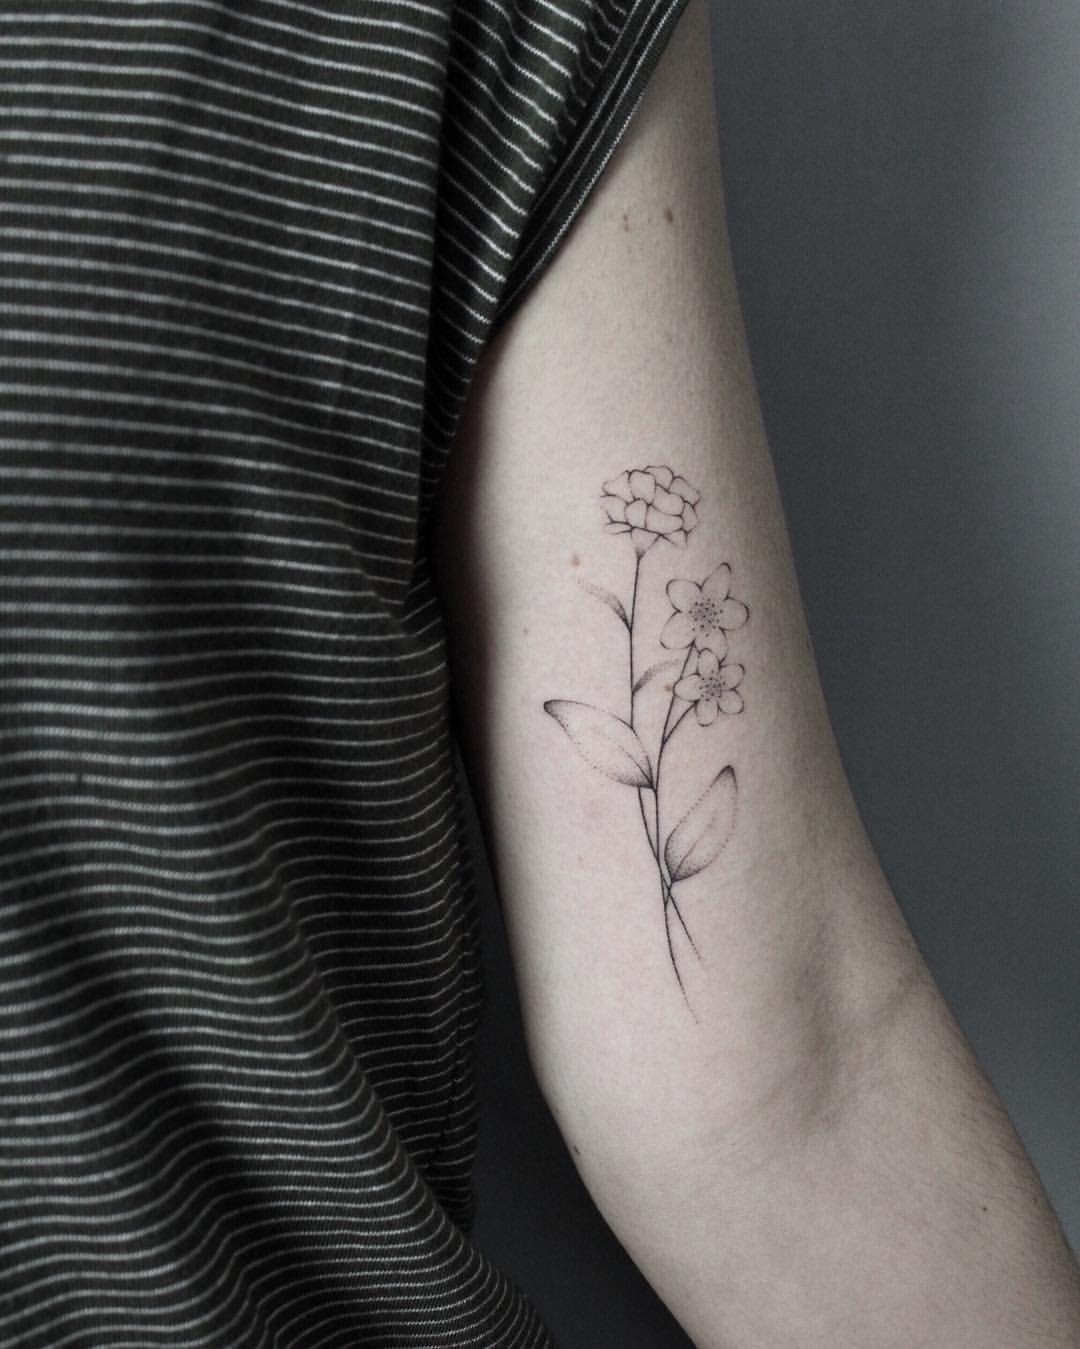 Small Jasmine Flower Tattoo : small, jasmine, flower, tattoo, Instagram, Photo, @laramaju, Likes, Jasmine, Flower, Tattoos,, Tattoo,, Tattoos